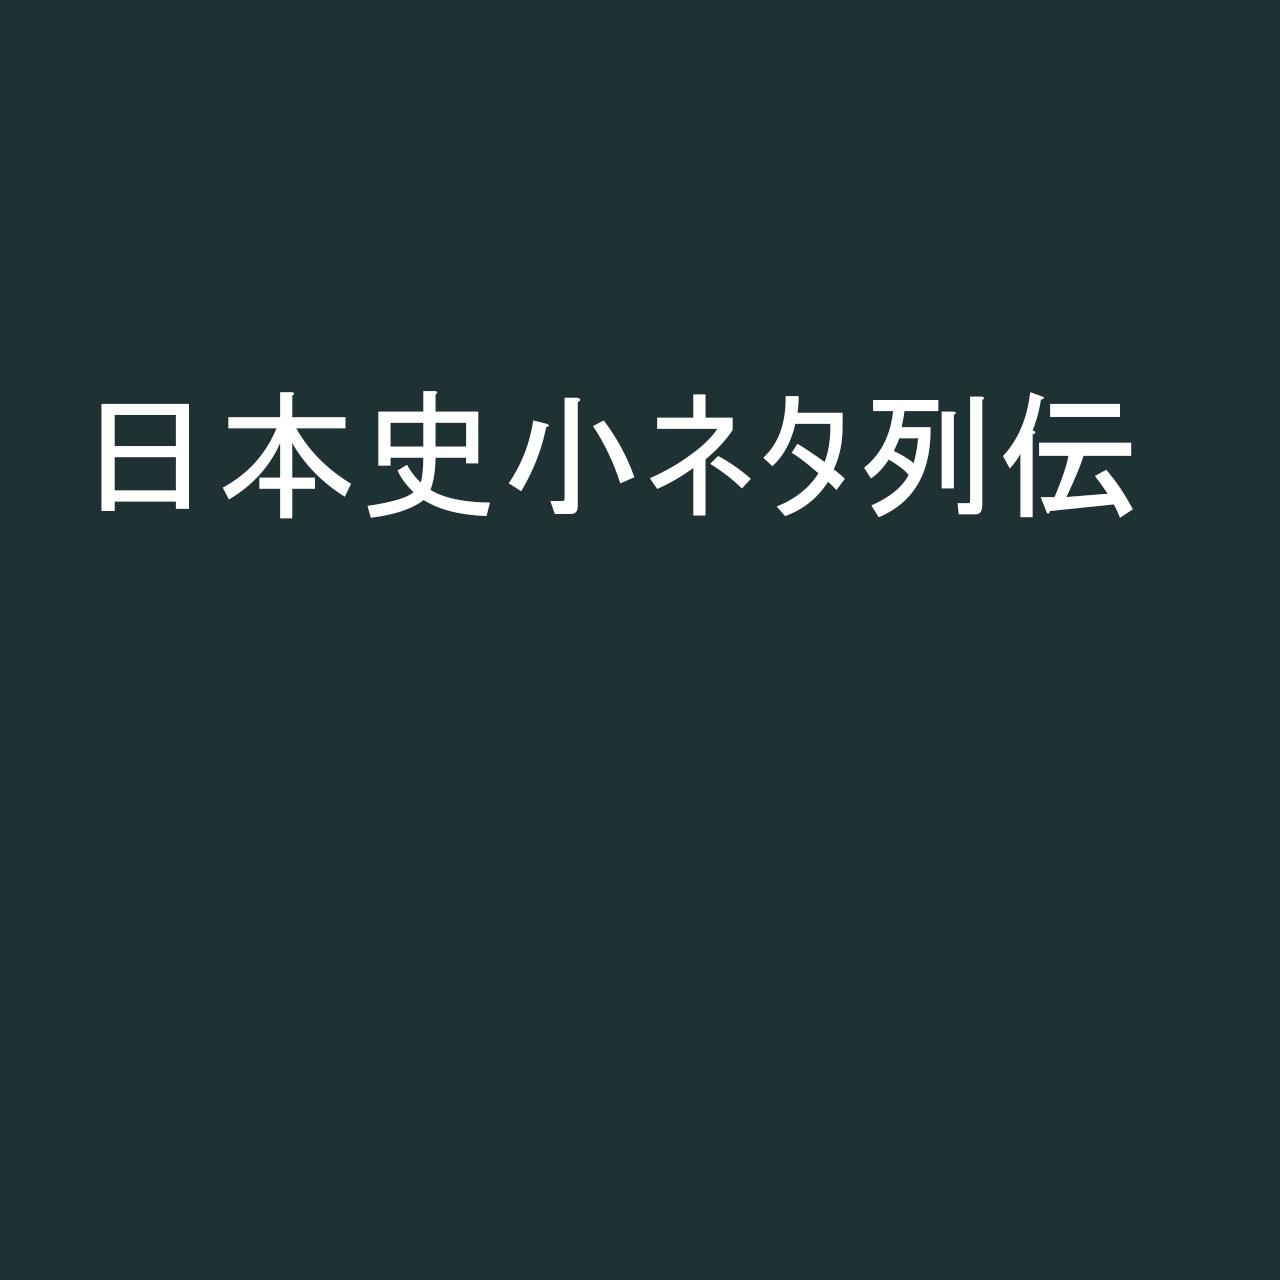 日本史小ネタ列伝